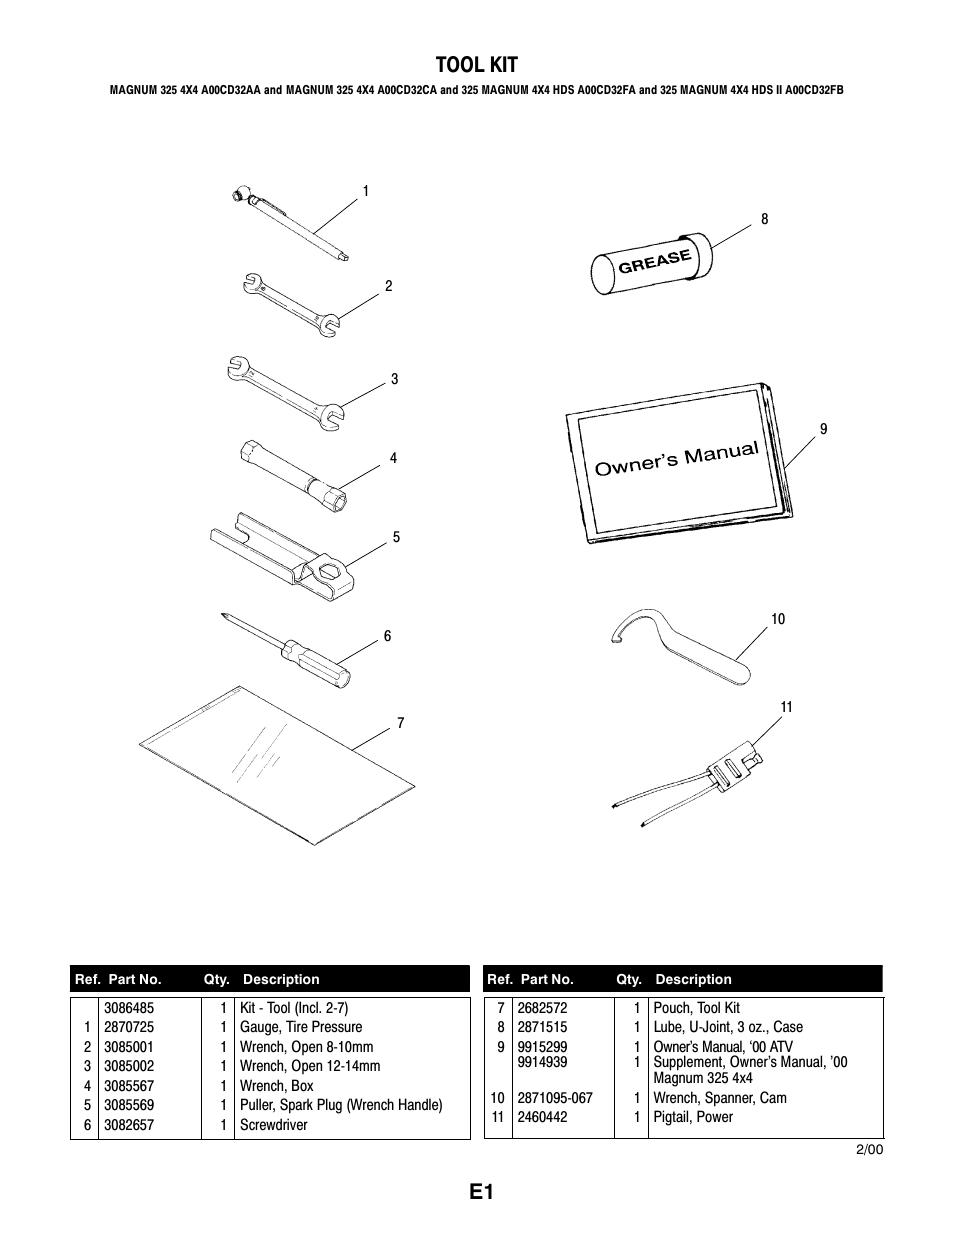 E1 tool kit   Polaris MAGNUM 325 4X4 A00CD32AA User Manual   Page 57 / 59